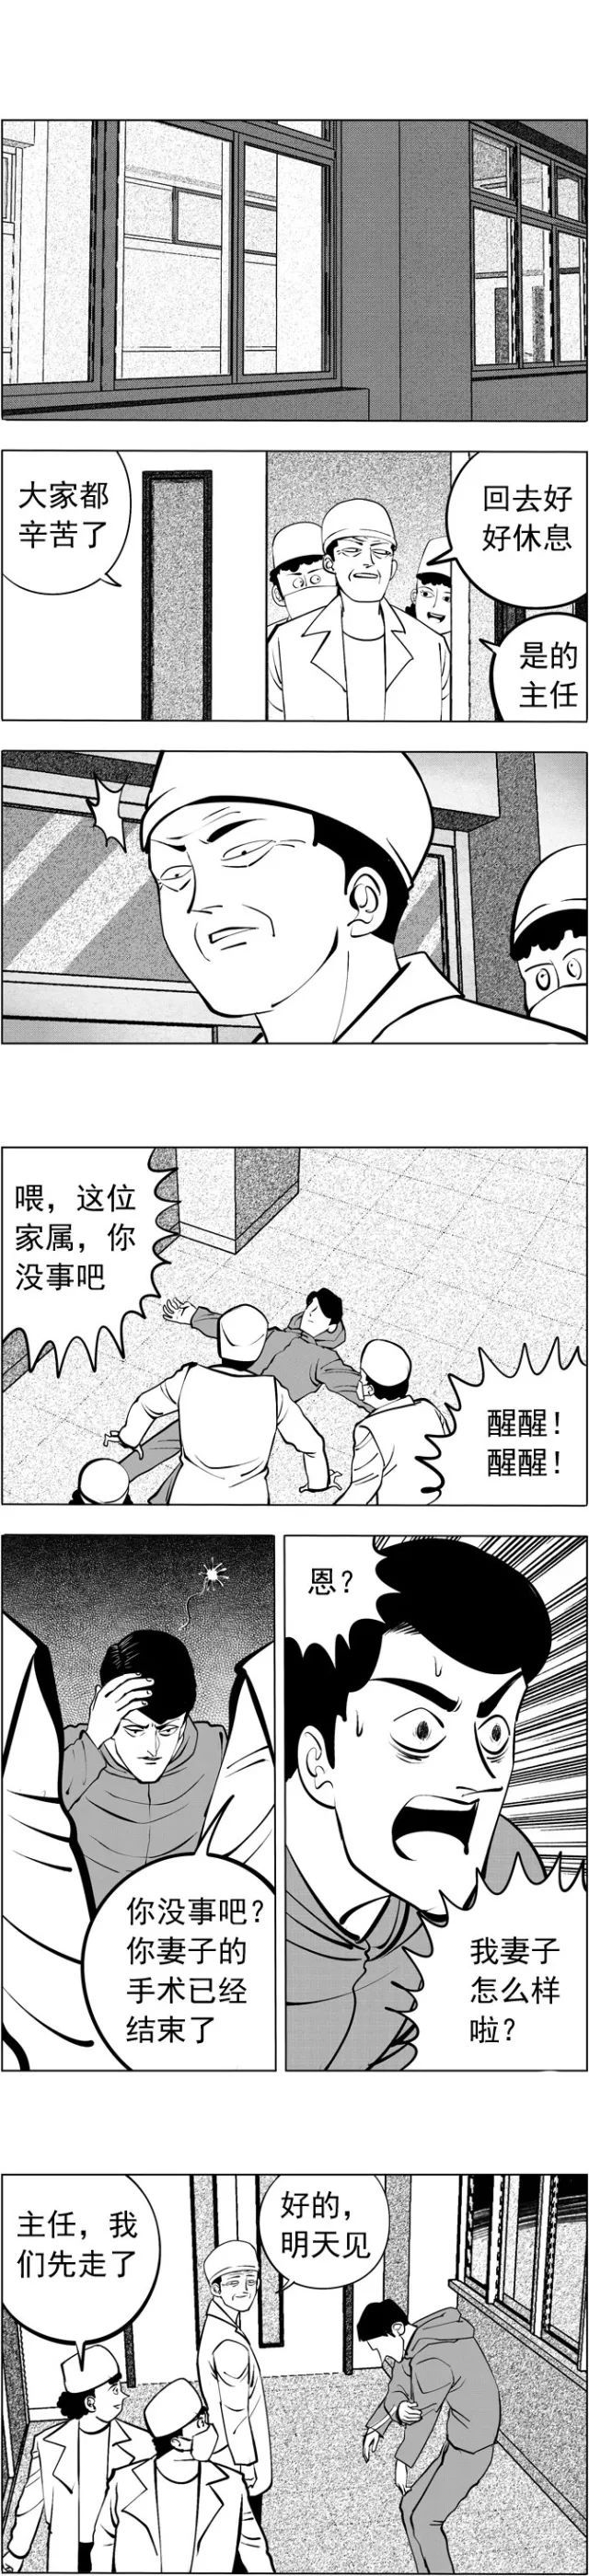 仙剑系列演员近况:如今胡歌单身杨幂相夫教子,刘亦菲疑似分手?